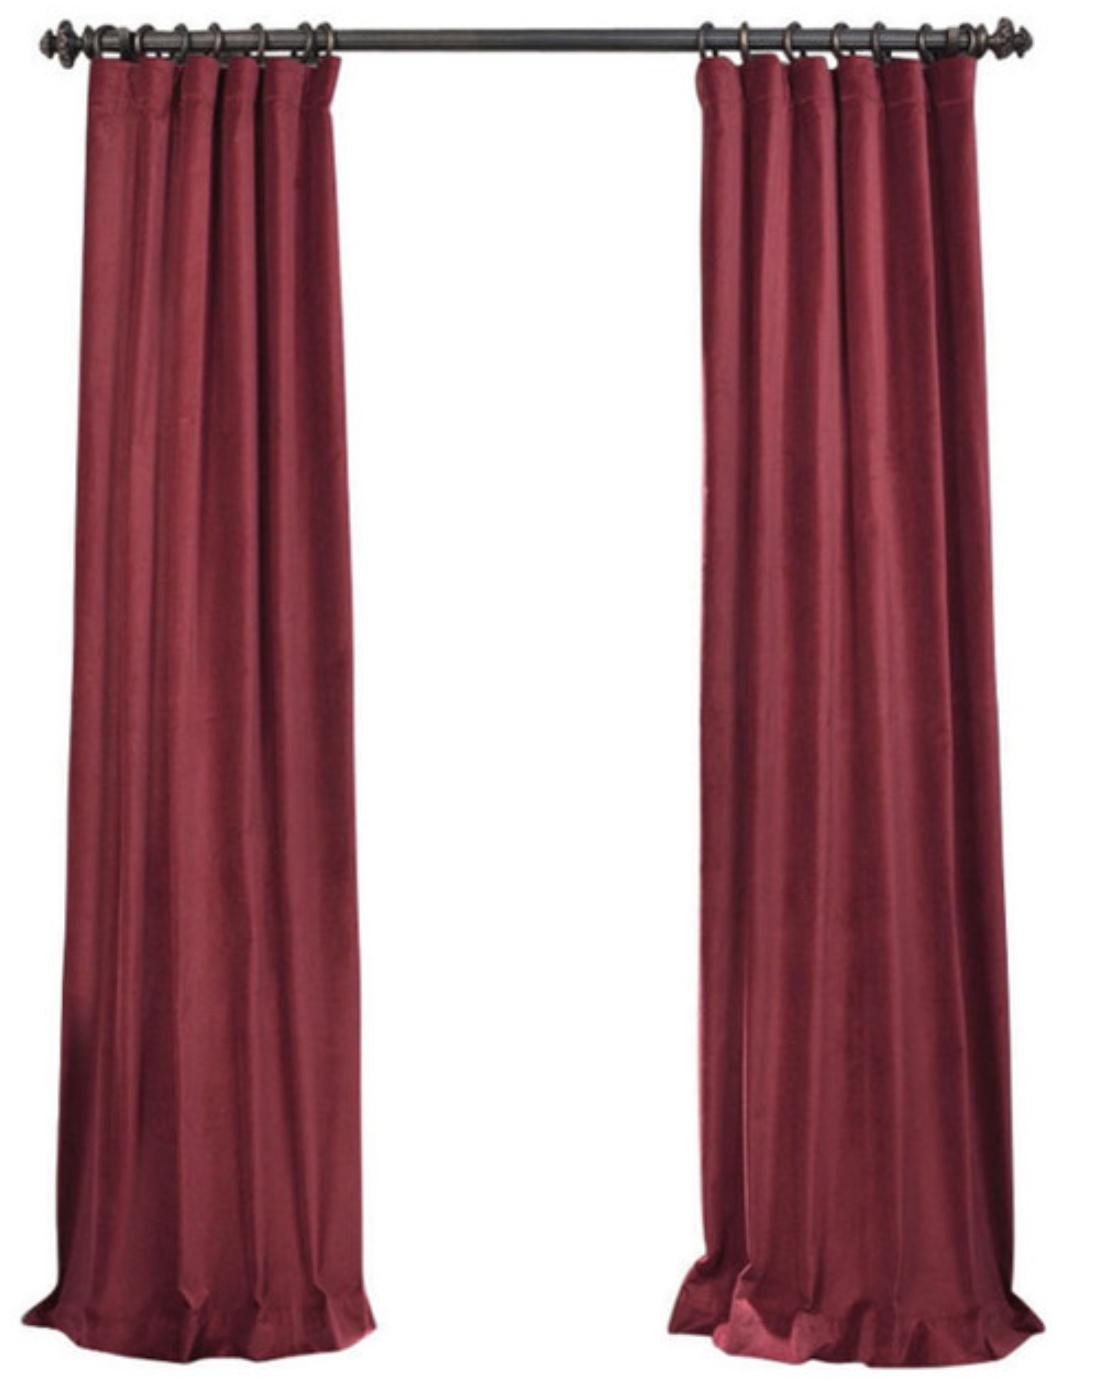 luxury-velvet-curtain-panels-red